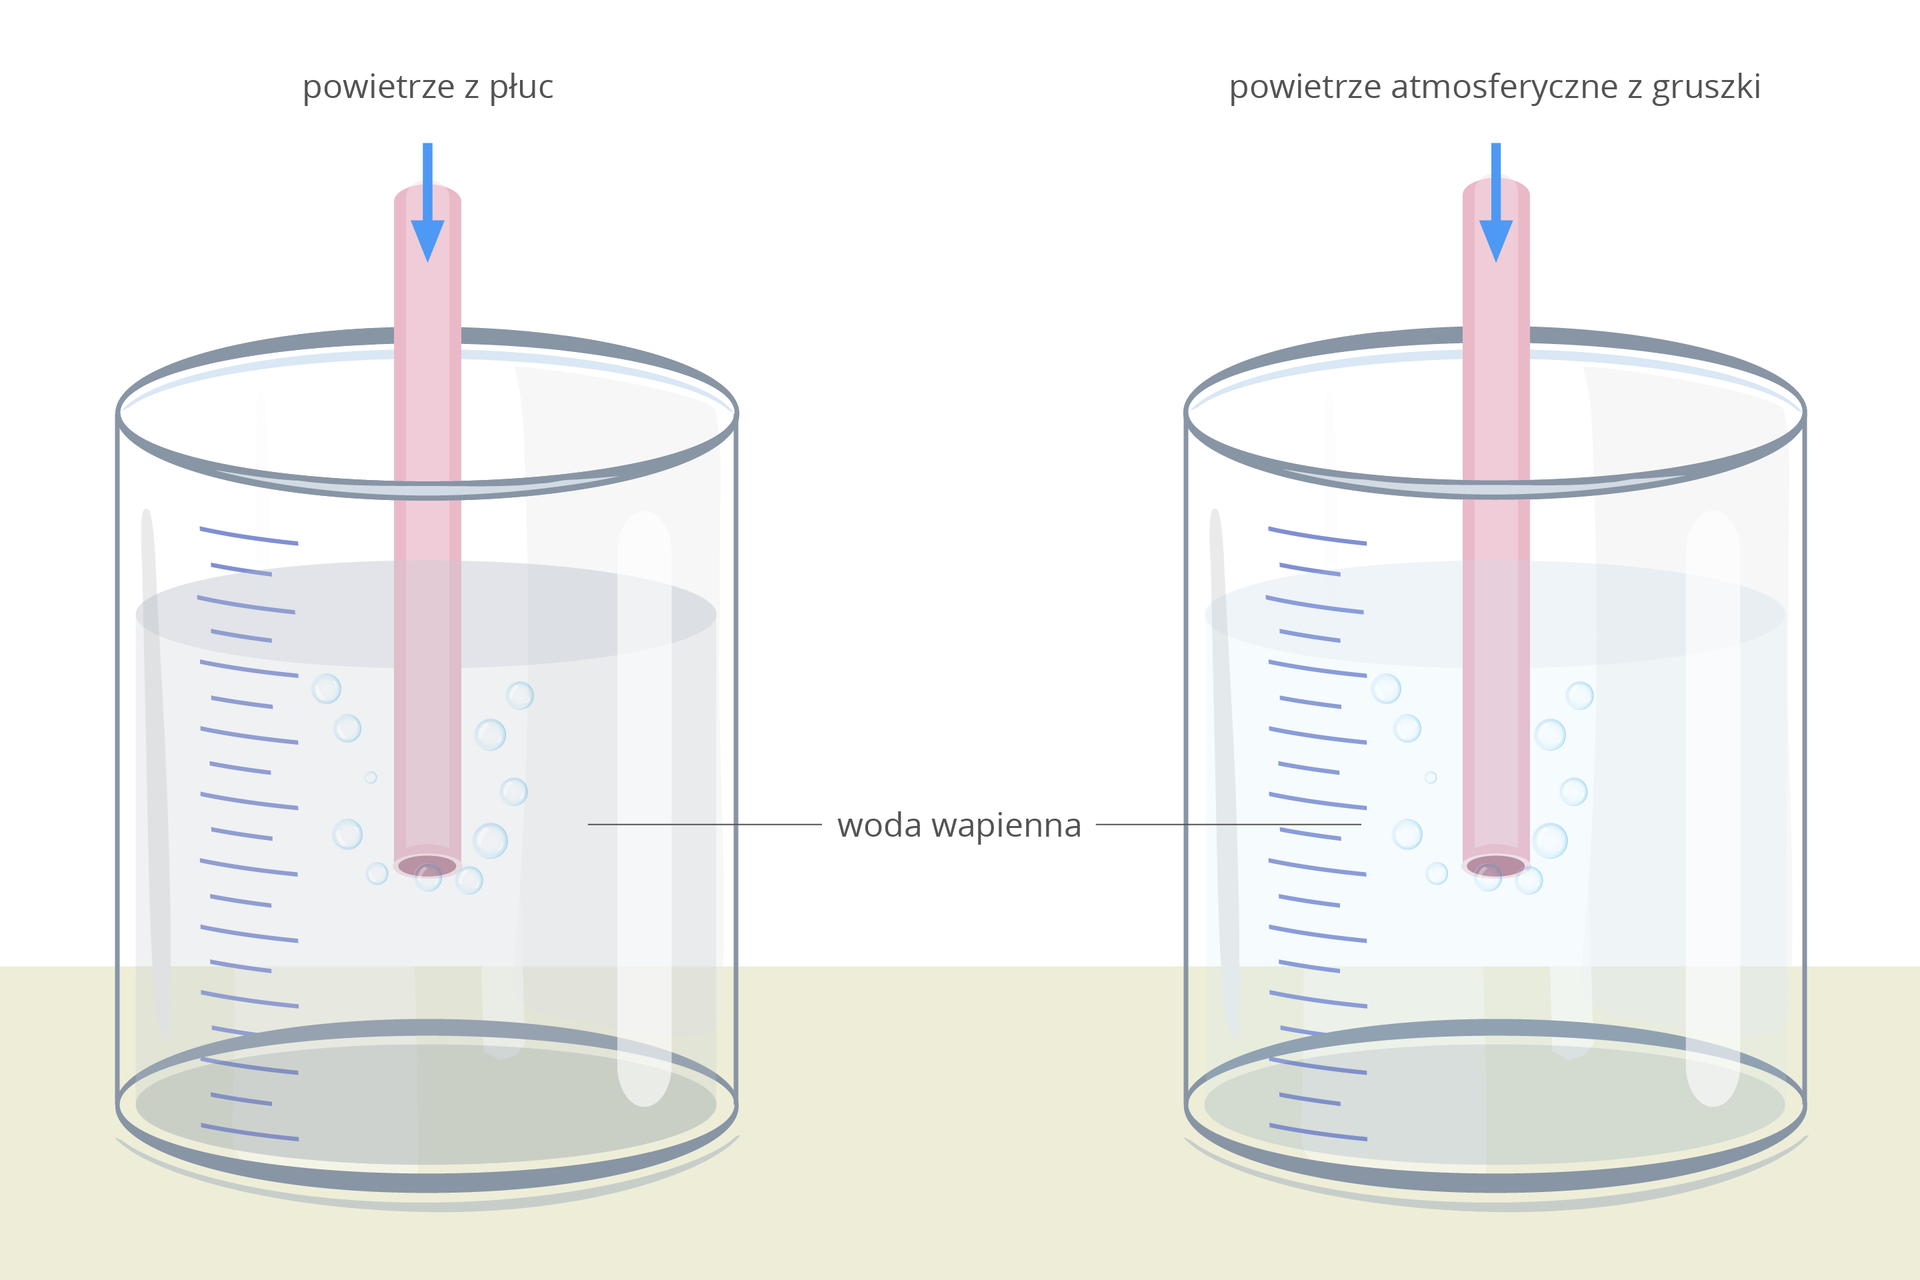 Ilustracja przedstawia dwa naczynia szklane zwodą wapienną. Do każdego wprowadzona jest różowa rurka. Do lewej wdmuchiwane jest powietrze zpłuc, do prawej powietrze atmosferyczne zgumowej gruszki.